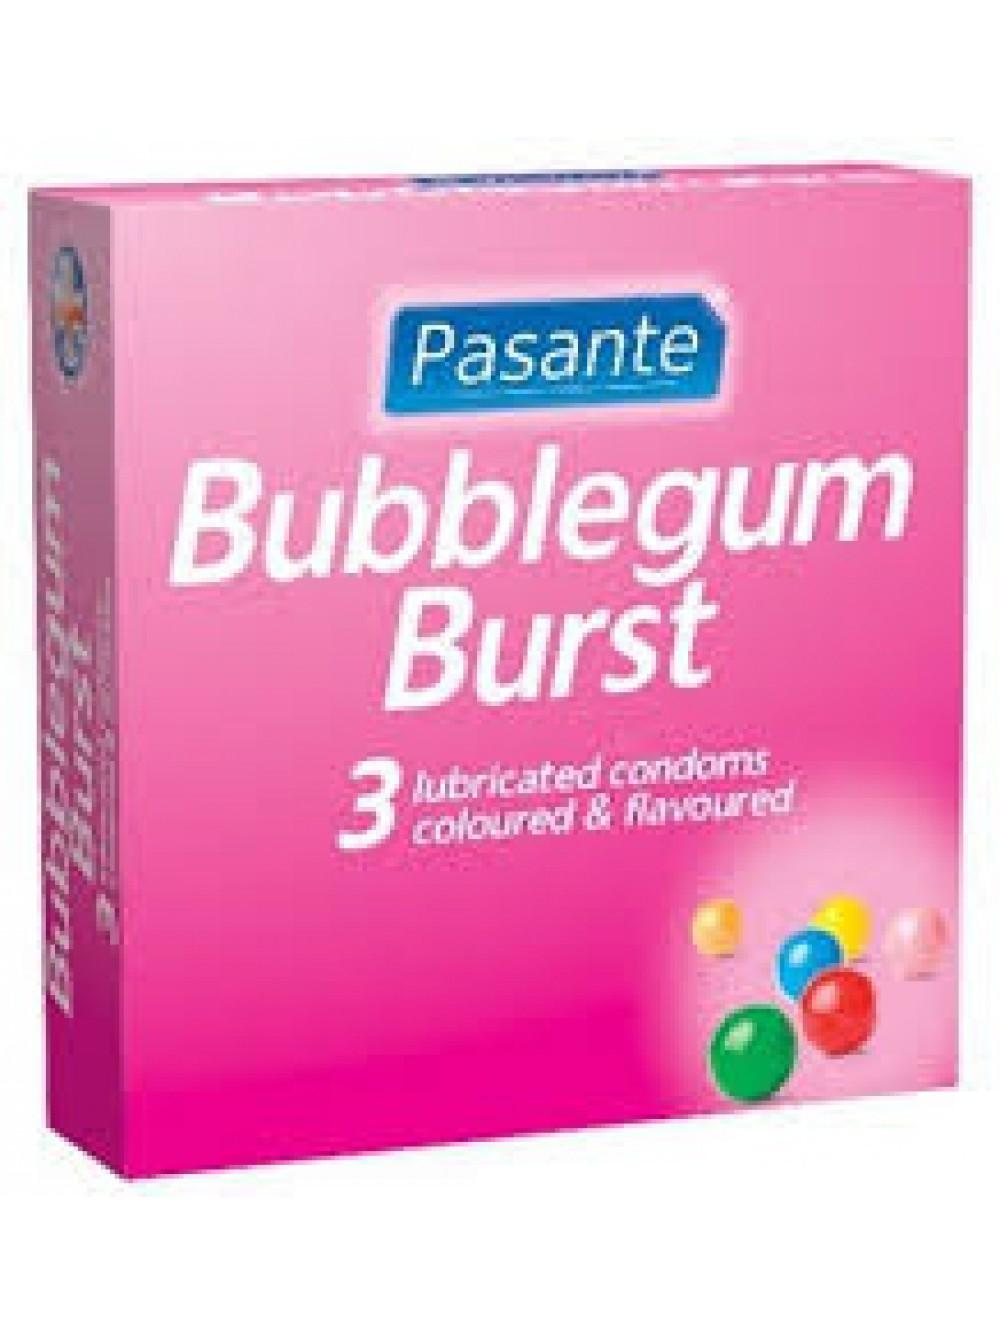 Bubblegum Burst 3 p.